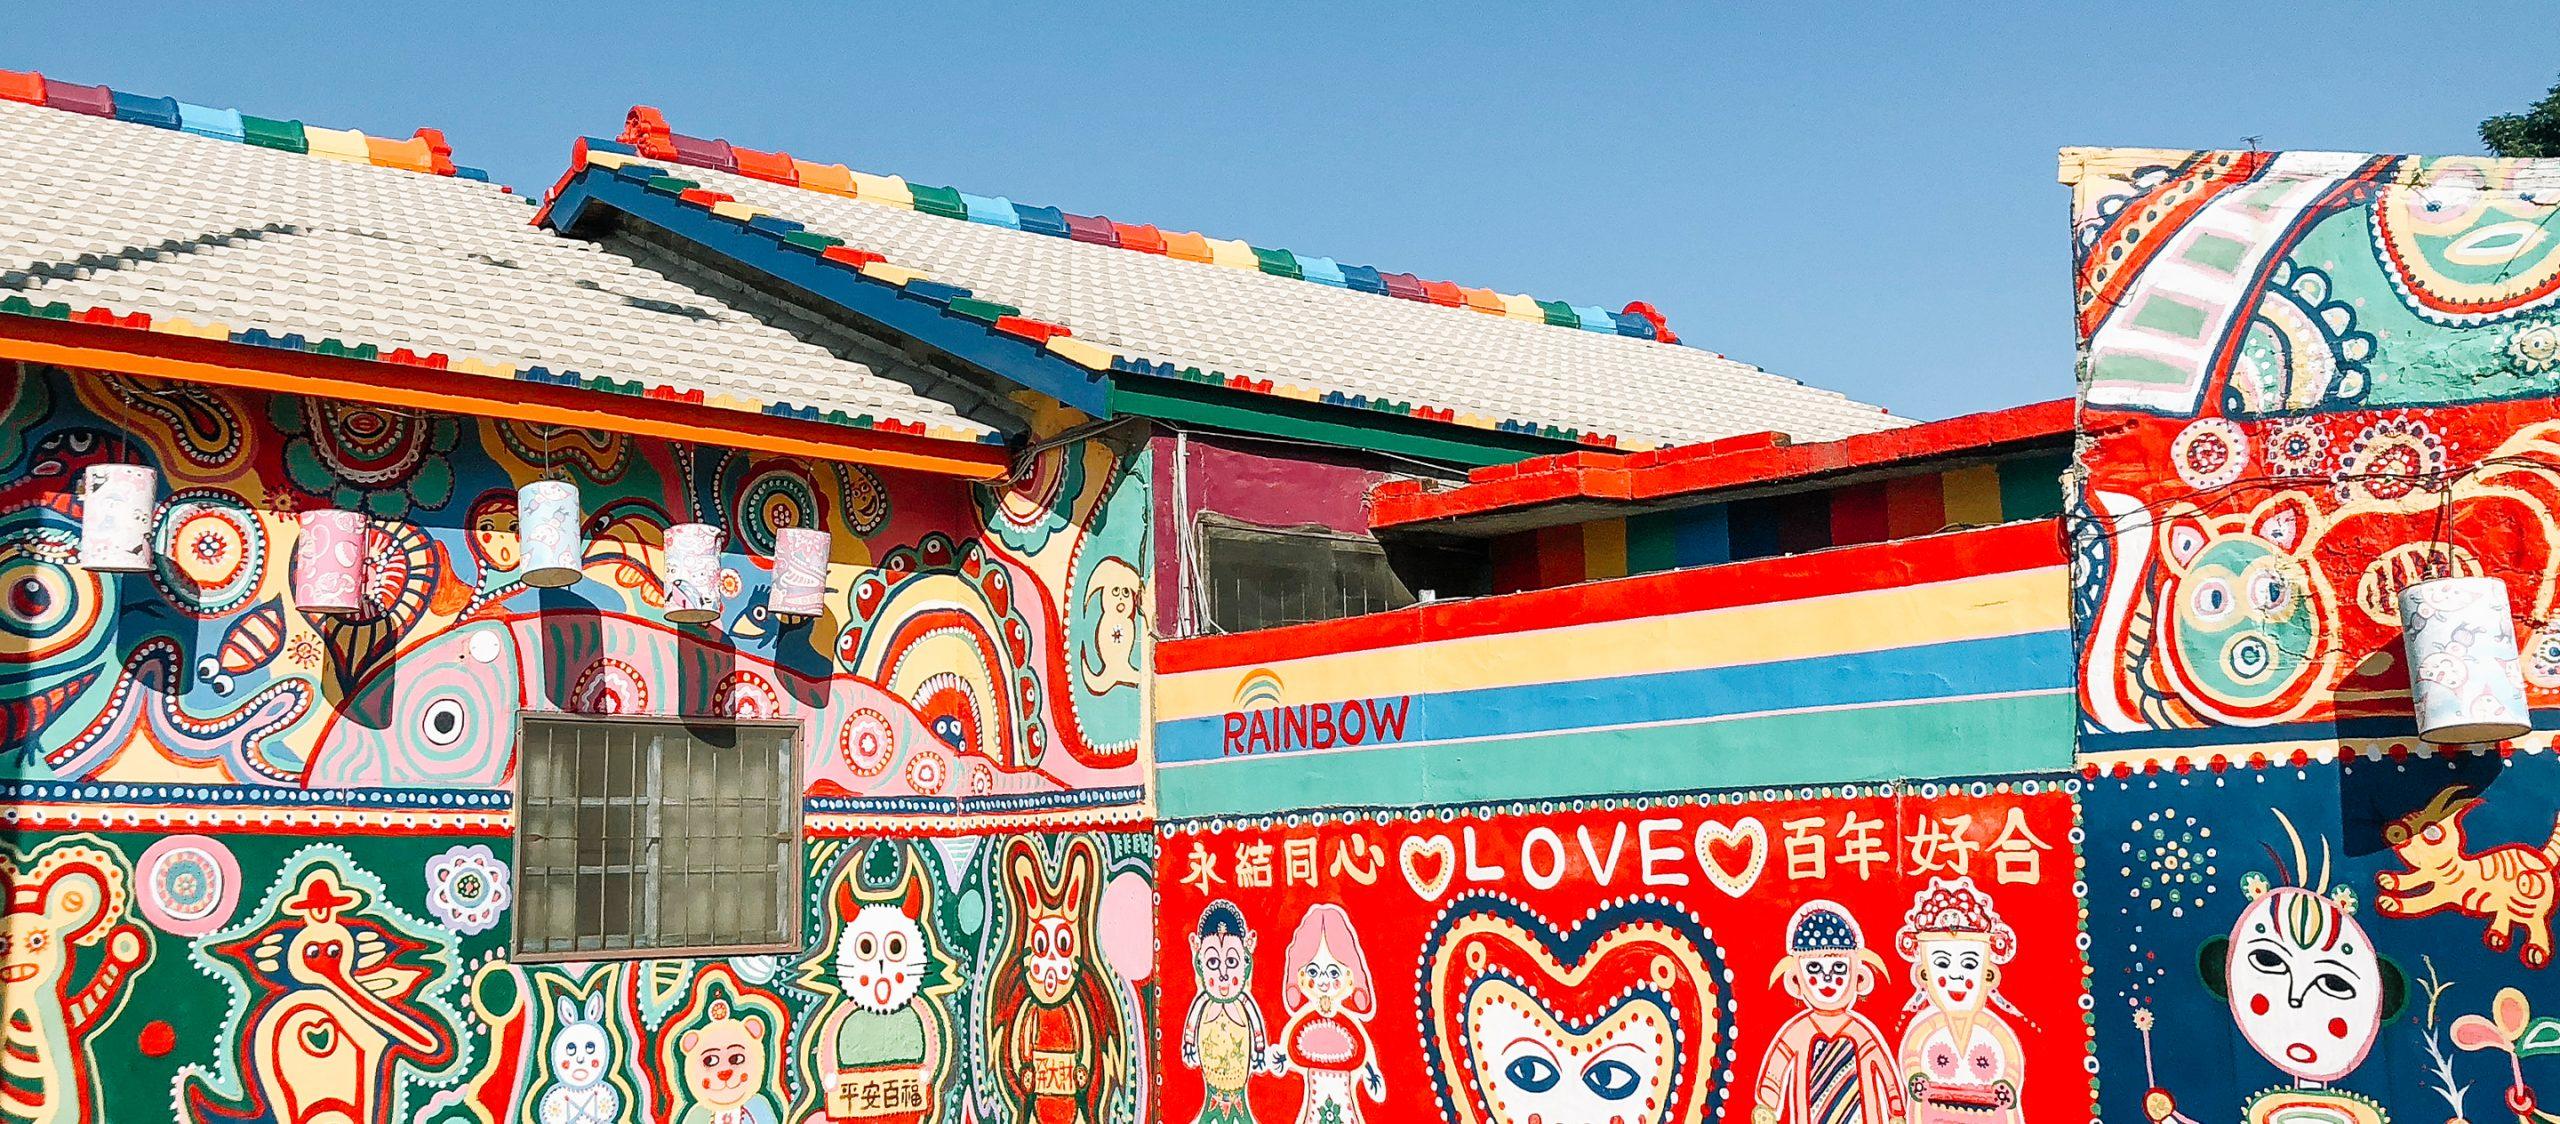 Rainbow Village หมู่บ้านสายรุ้งที่แต่งเติมสีสันแจ่มจ้าให้กับเมืองไทจง